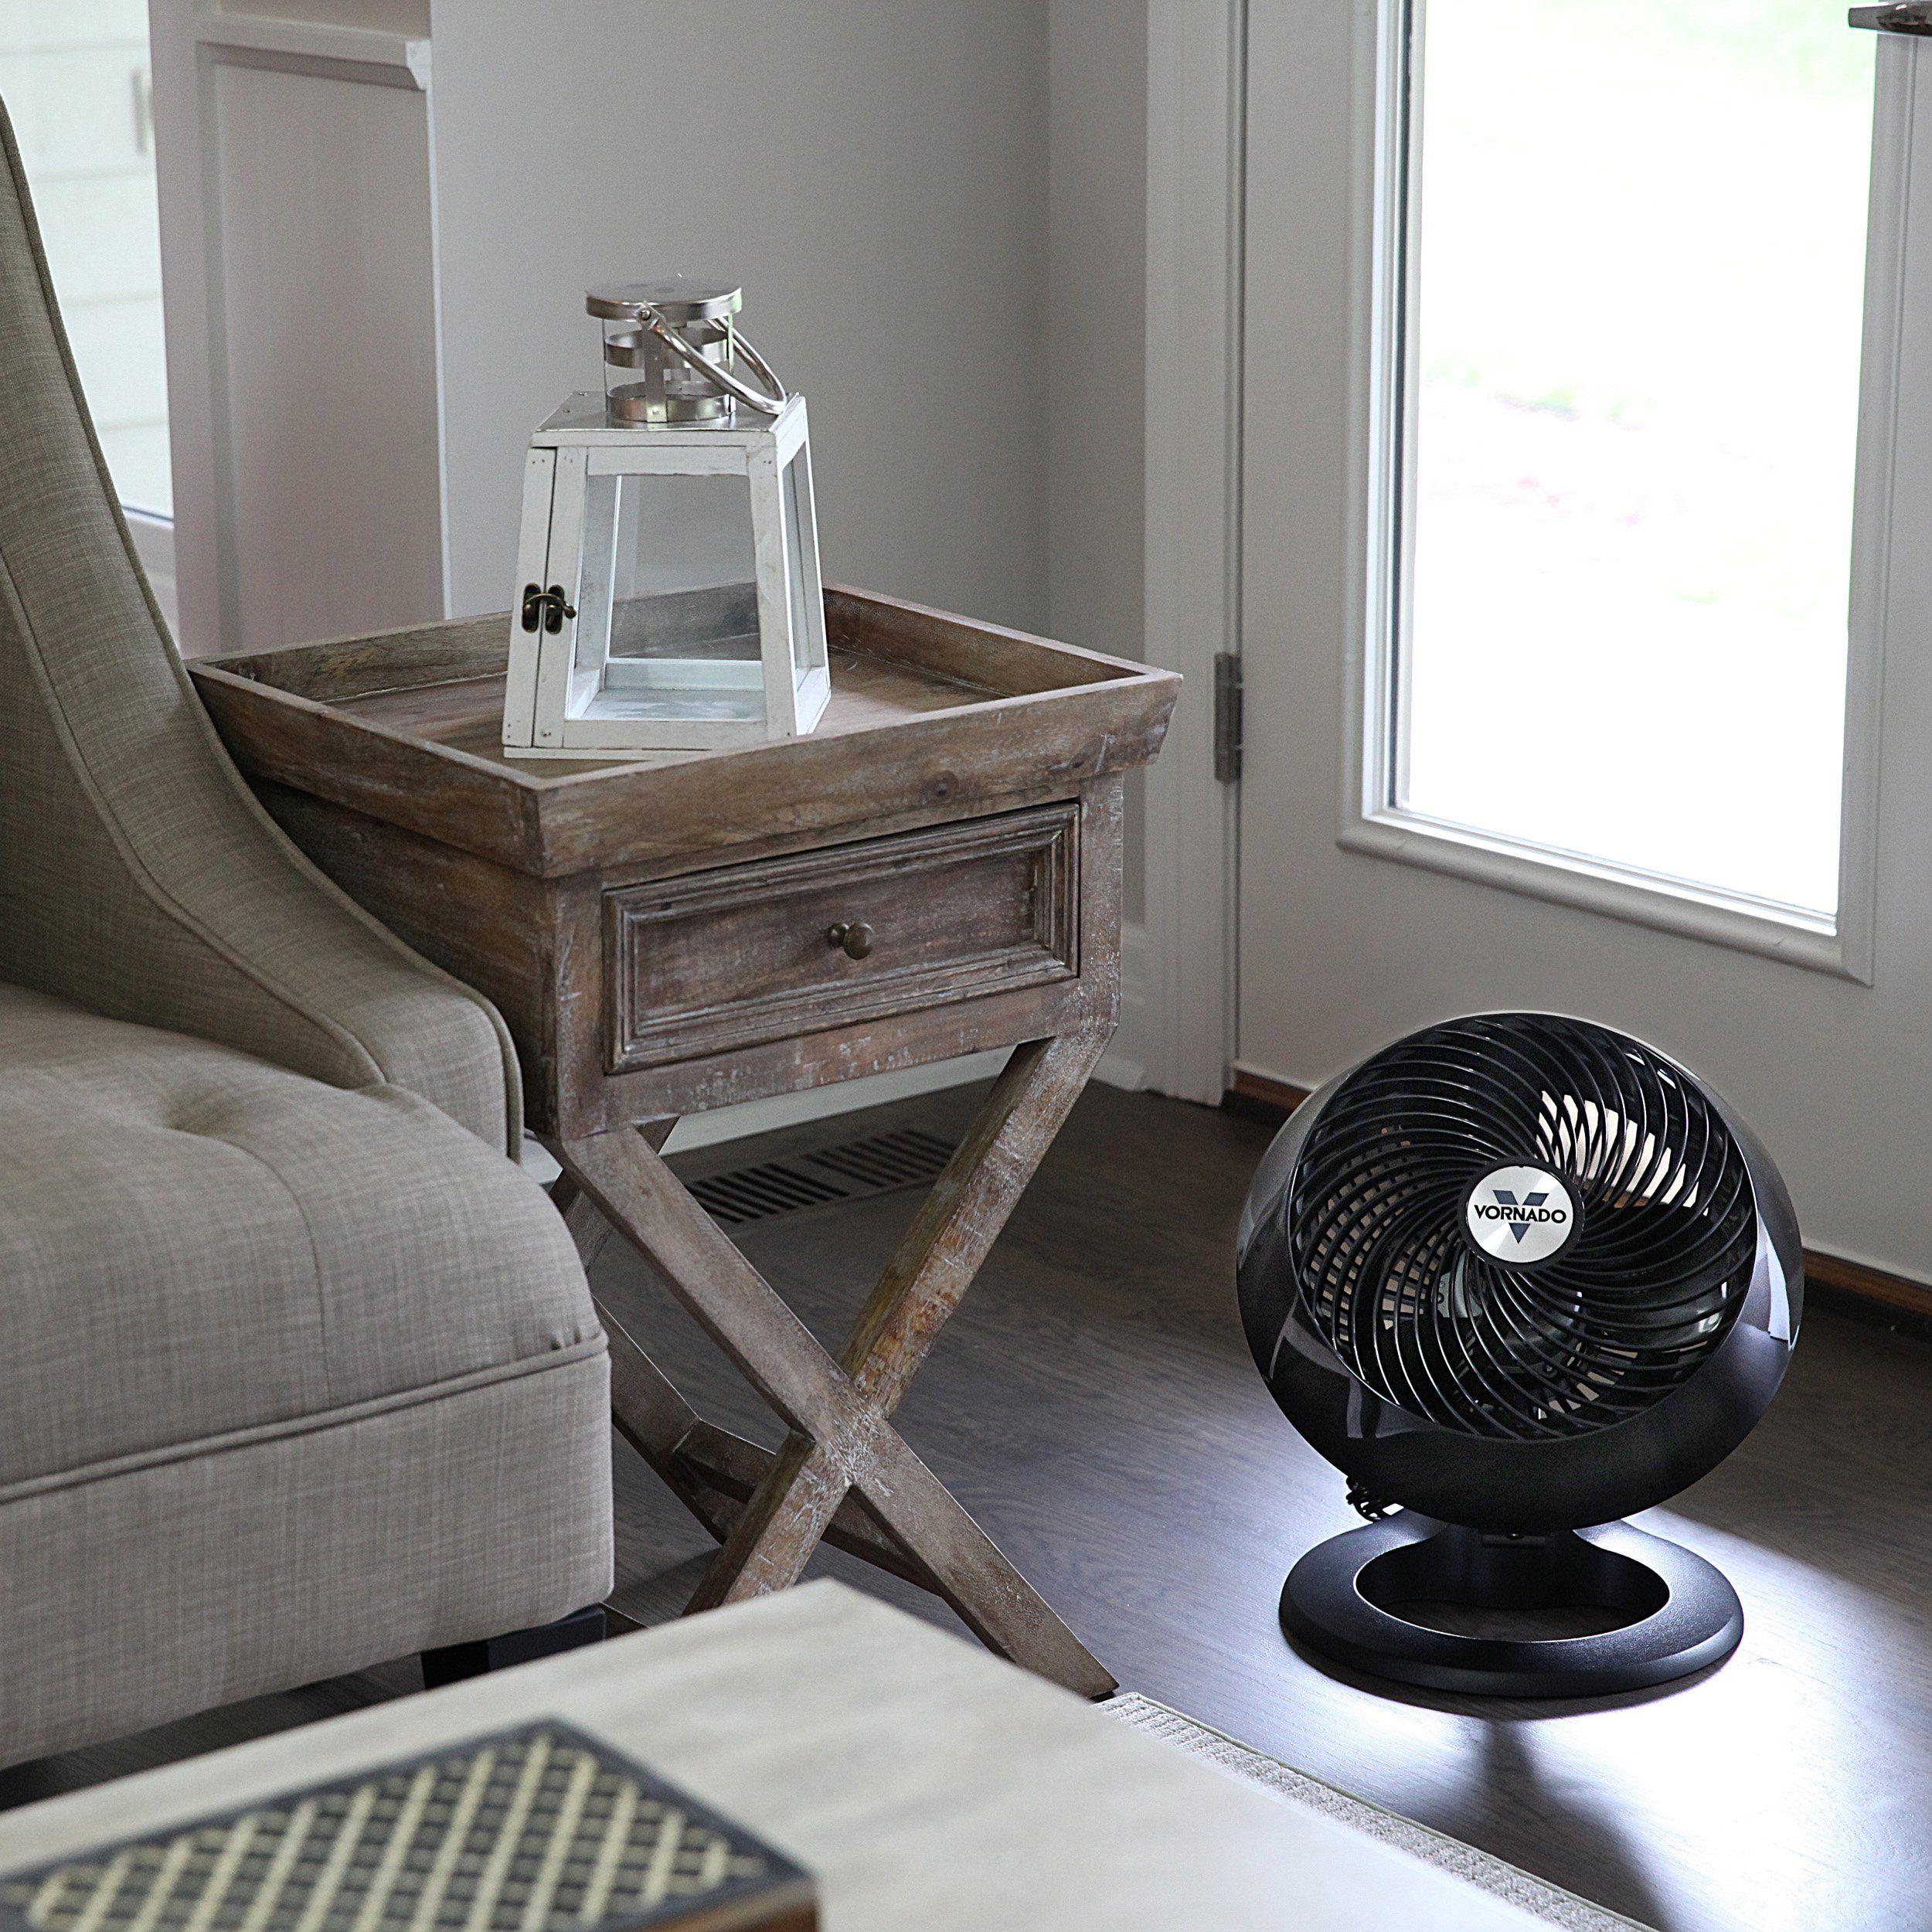 Vornado 660 Whole Room Air Circulator Room Fan Home Decor Room